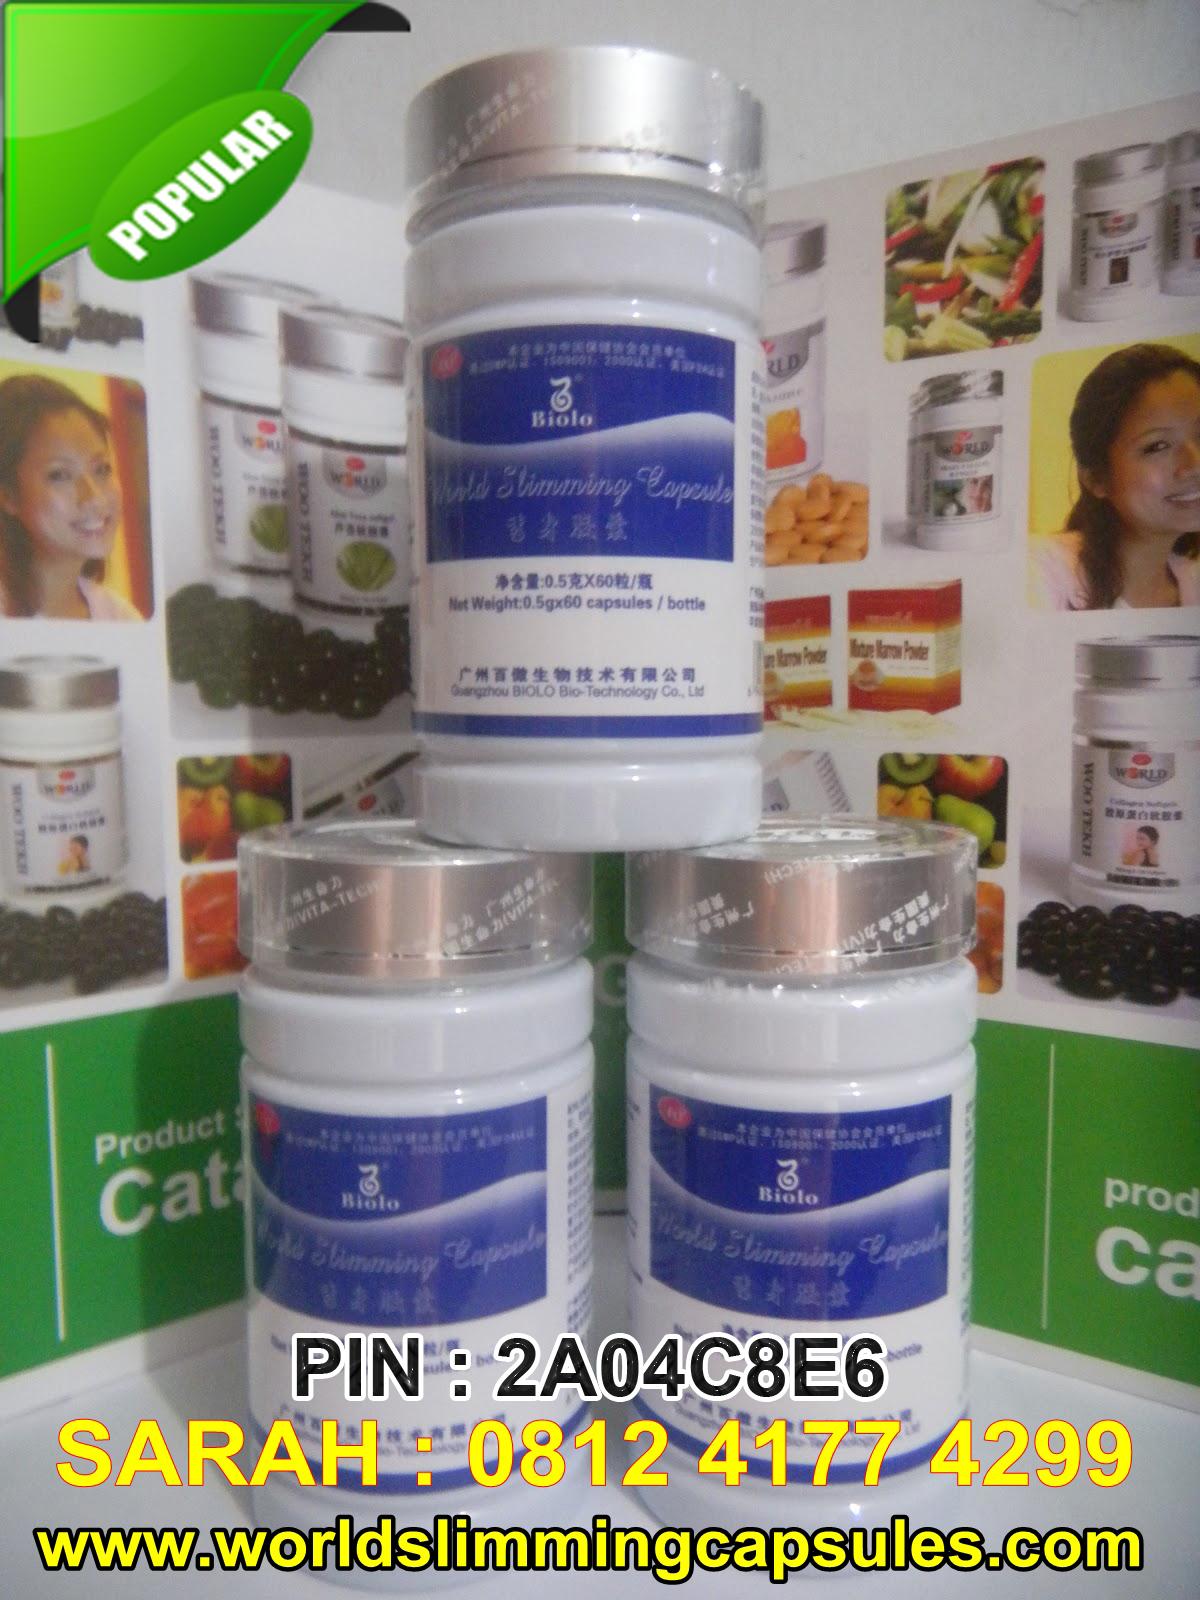 Obat Pelangsing Slimming Capsule